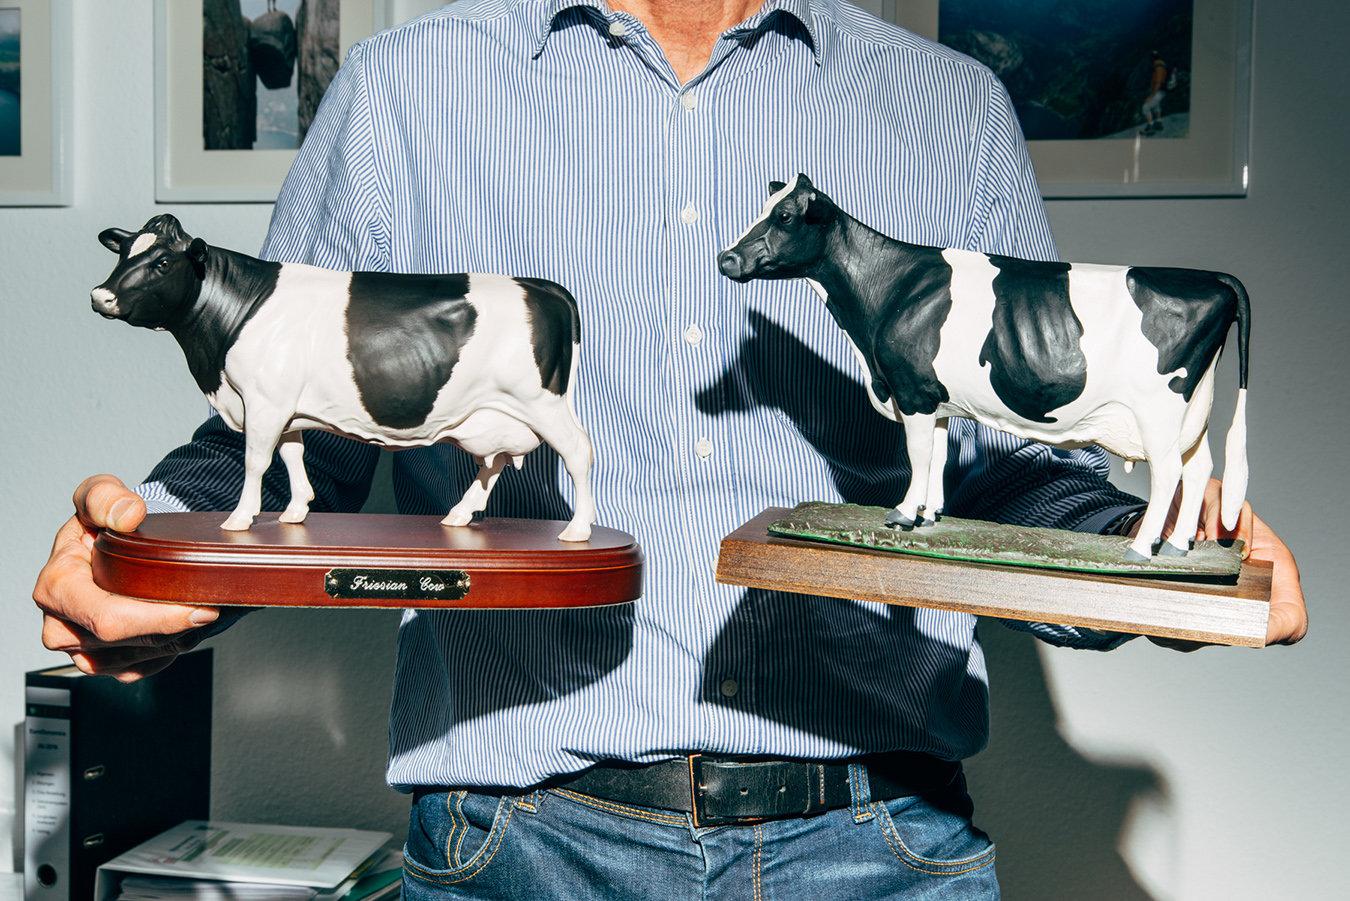 50 Jahre Zucht liegen zwischen der linken Kuh und der rechten. Je definierter die Rippen, erklärt der Präsident des Deutschen Holstein Verbands, desto besser